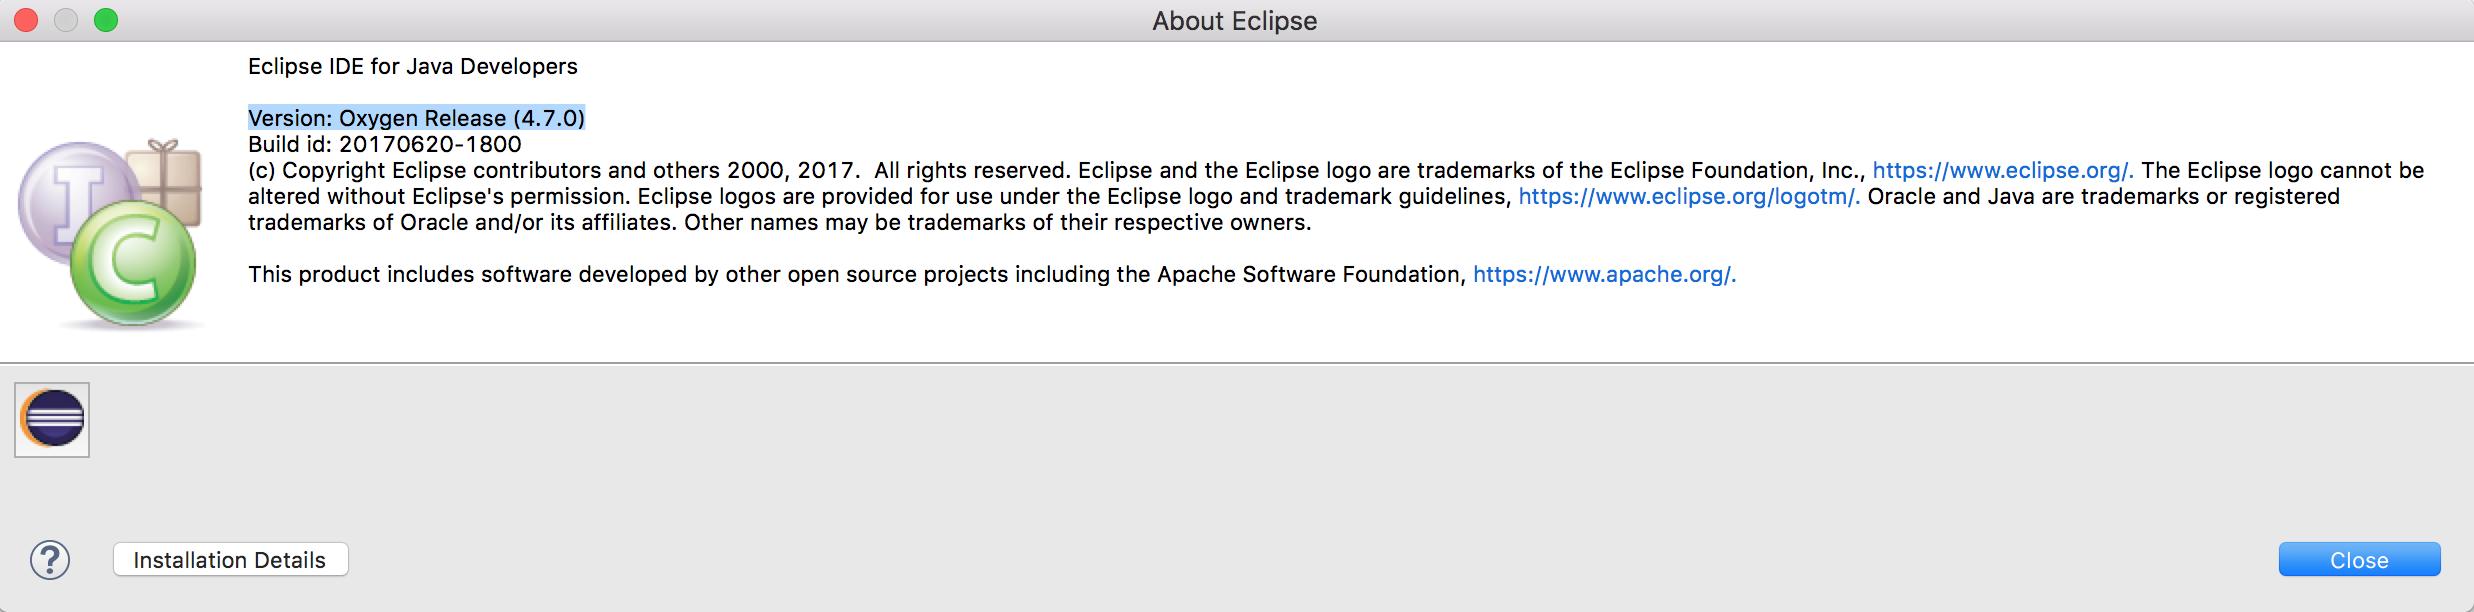 Get Eclipse Version